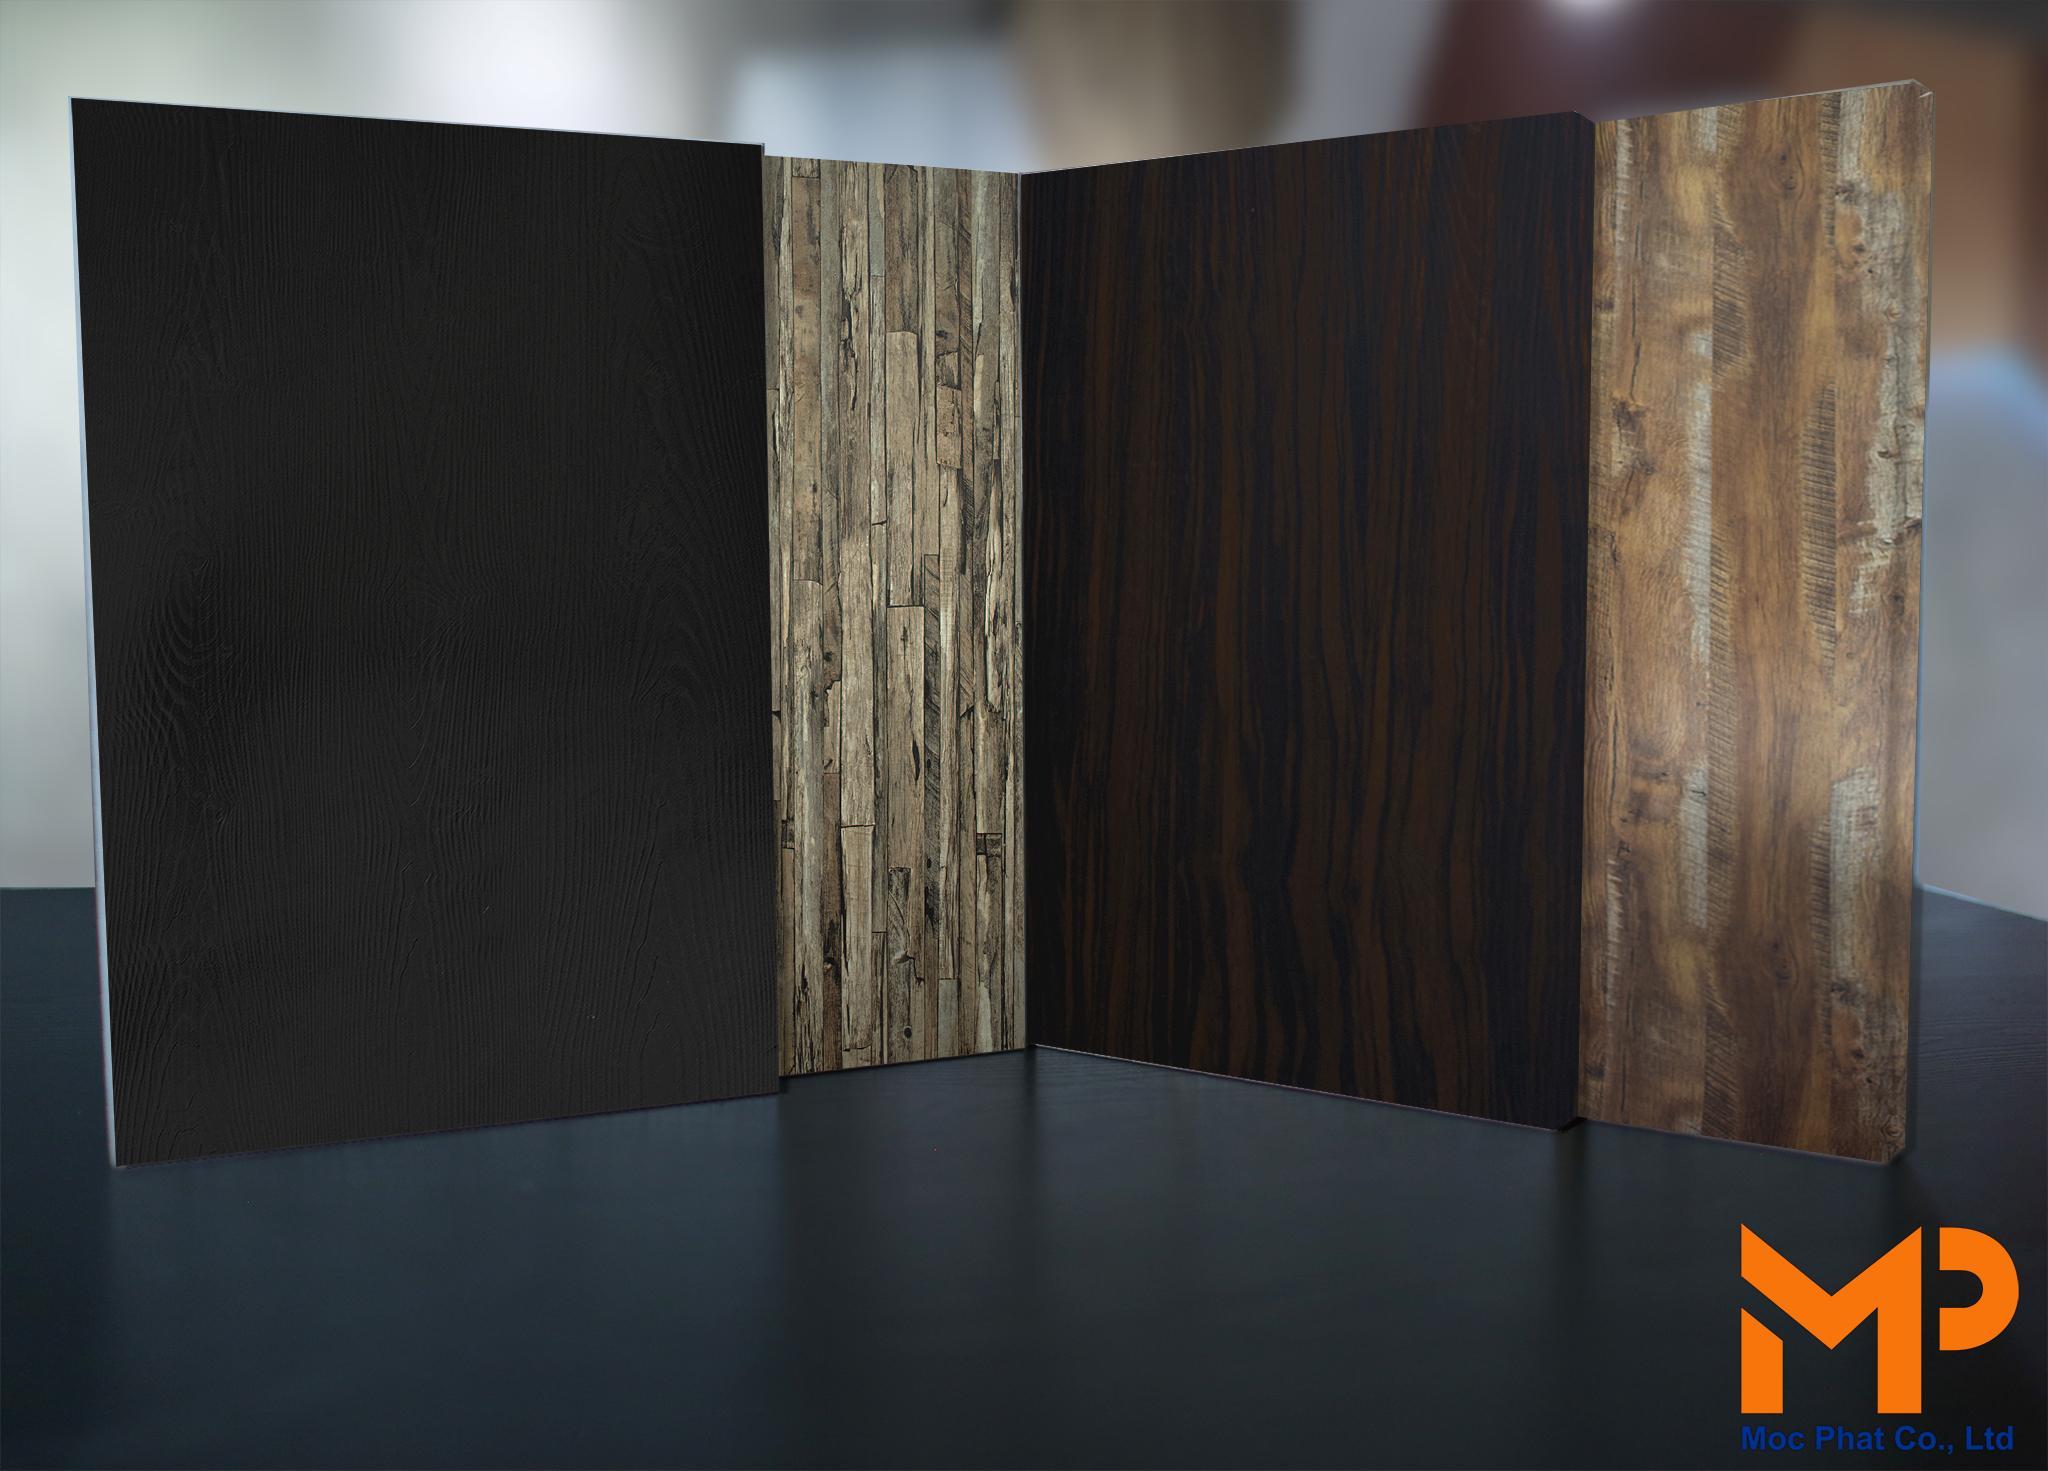 Sức hút của những mẫu vân gỗ độc đáo